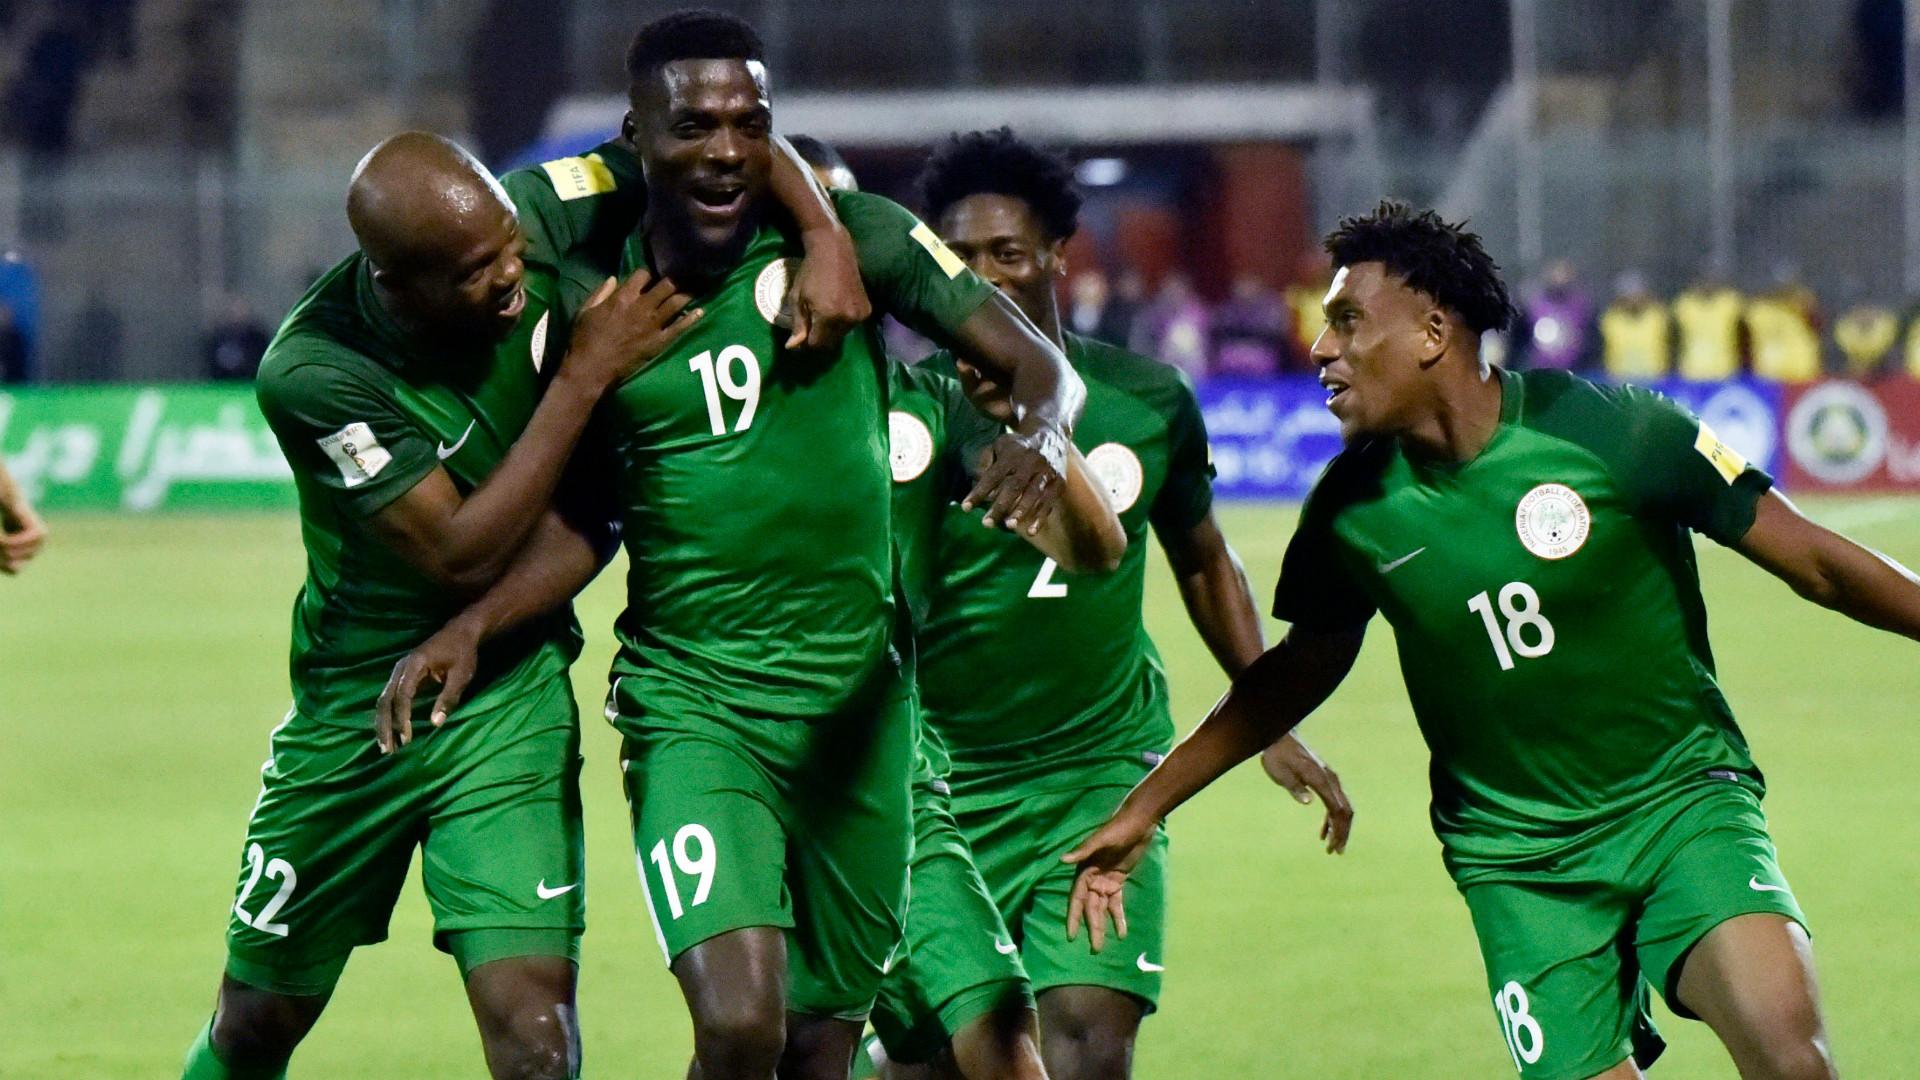 Contundente victoria de Nigeria que preocupa a la Argentina